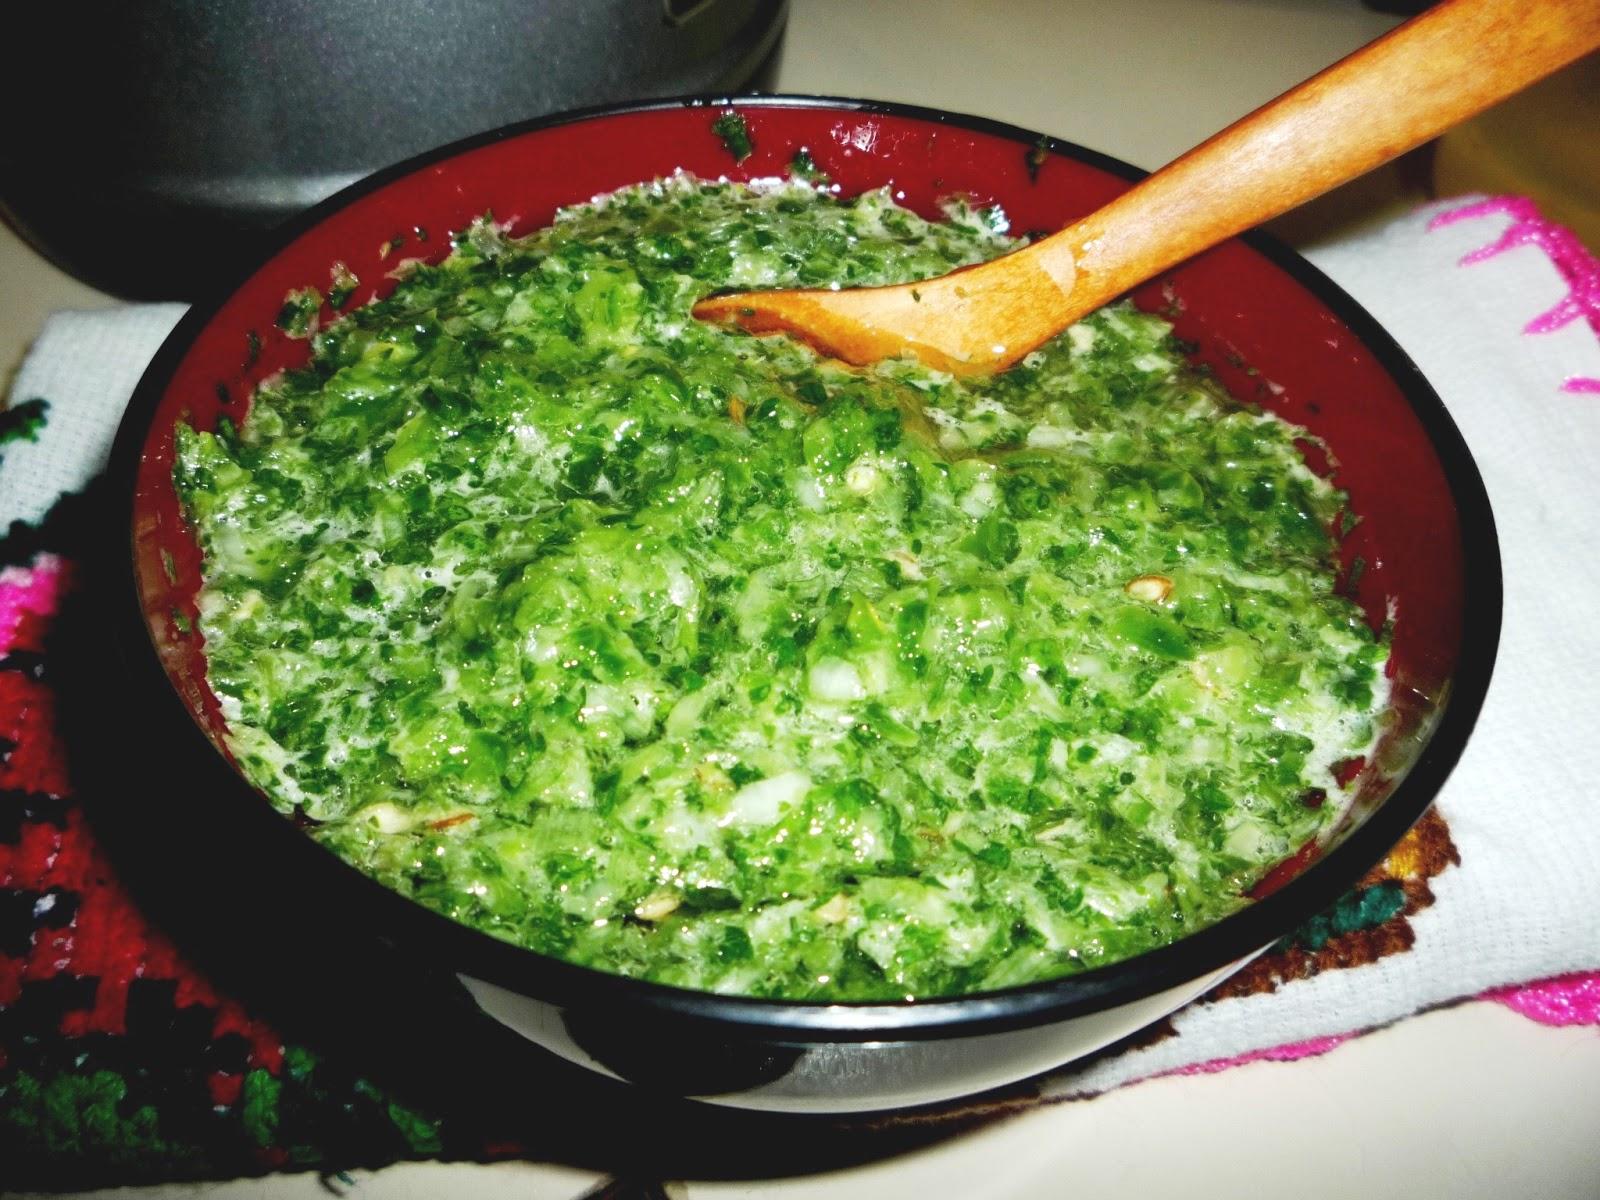 preparacion de salsas